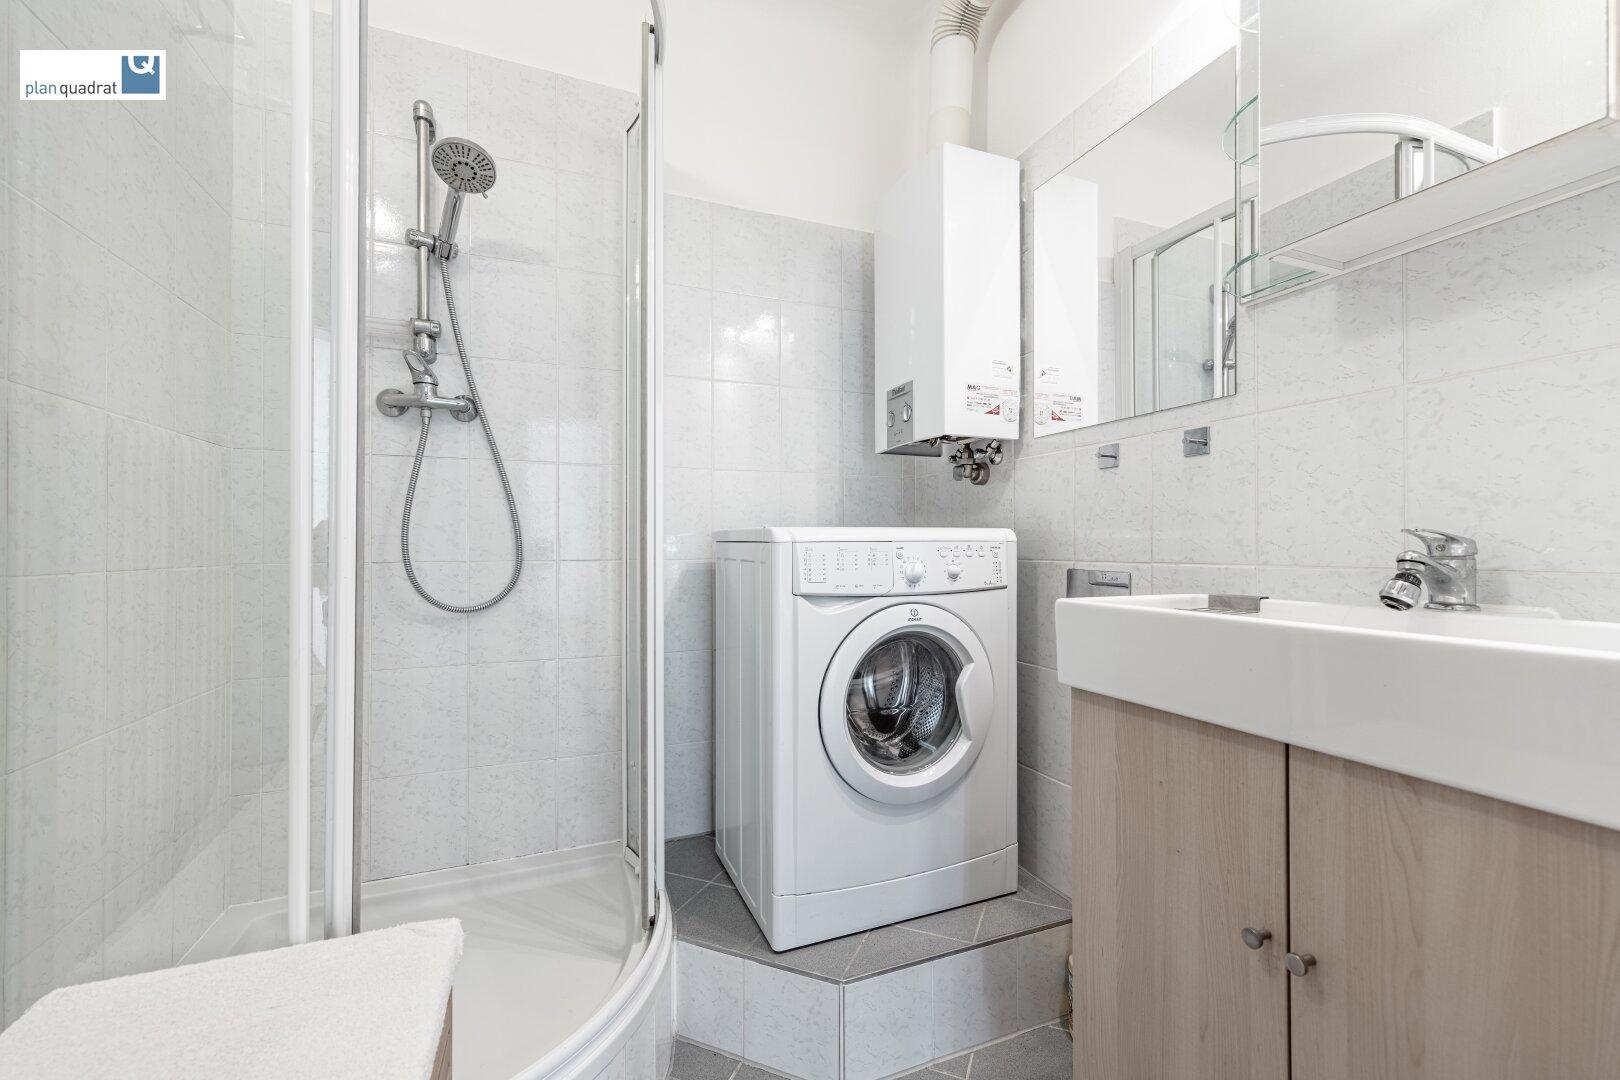 Badezimmer (ca. 3,10 m²) - mit Waschbecken, Dusche und Wa-Ma-Anschluss